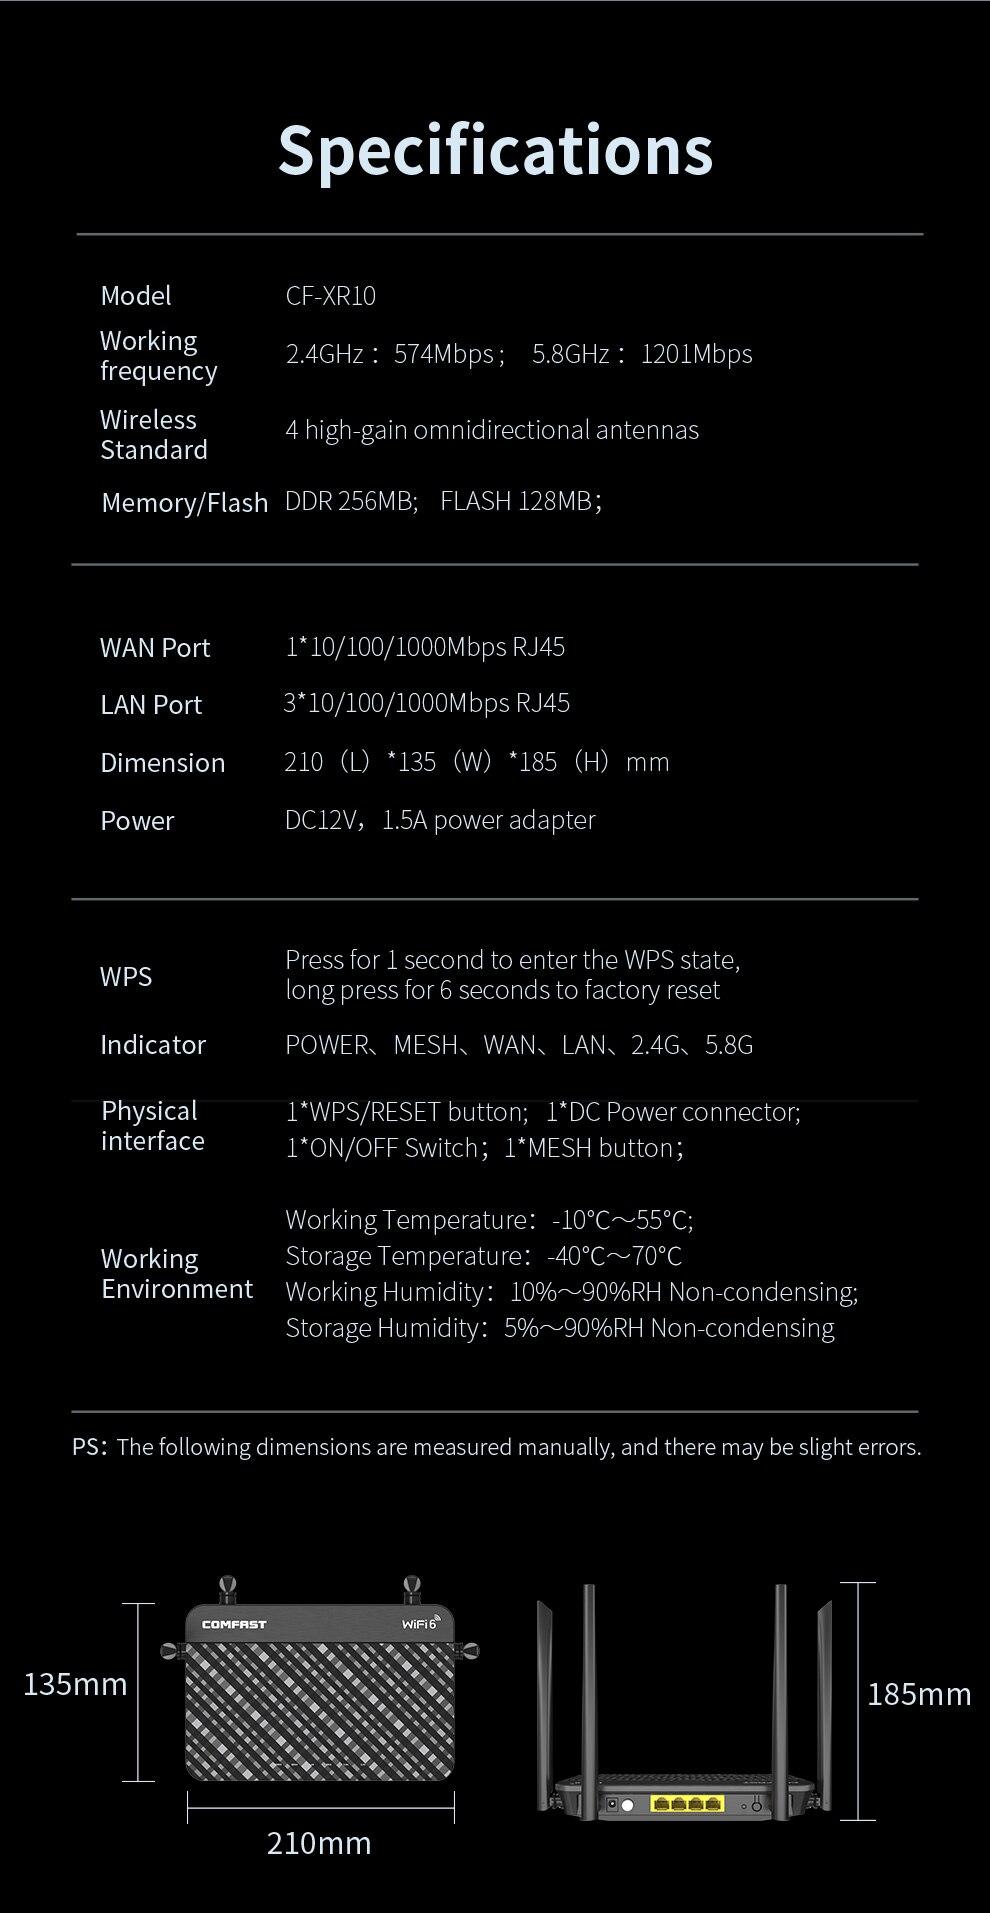 fio wifi repetidor 4 antenas de ganho alto wi-fi